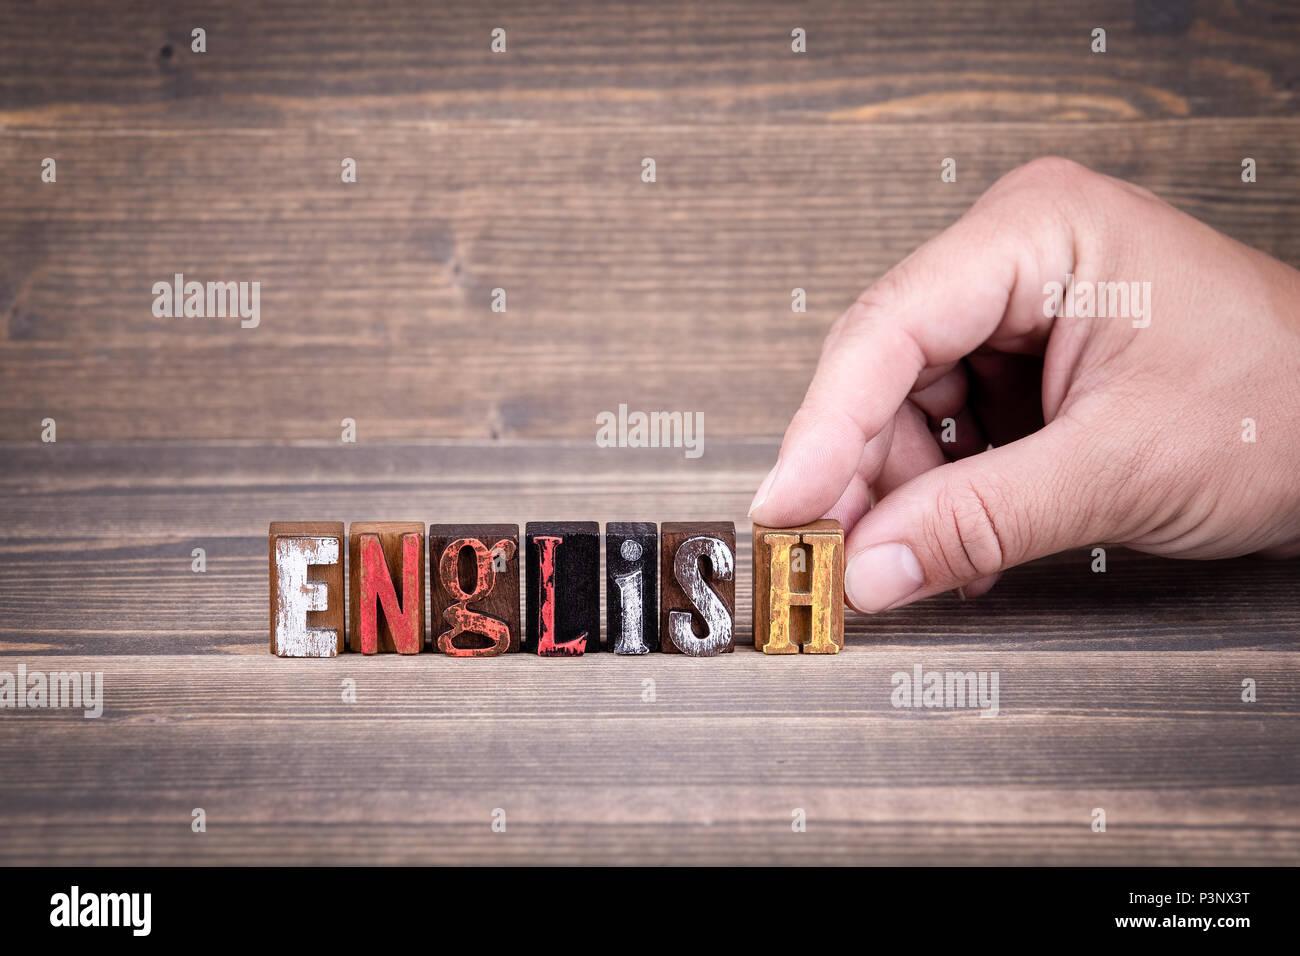 Inglese, l'istruzione e la concezione di business Immagini Stock